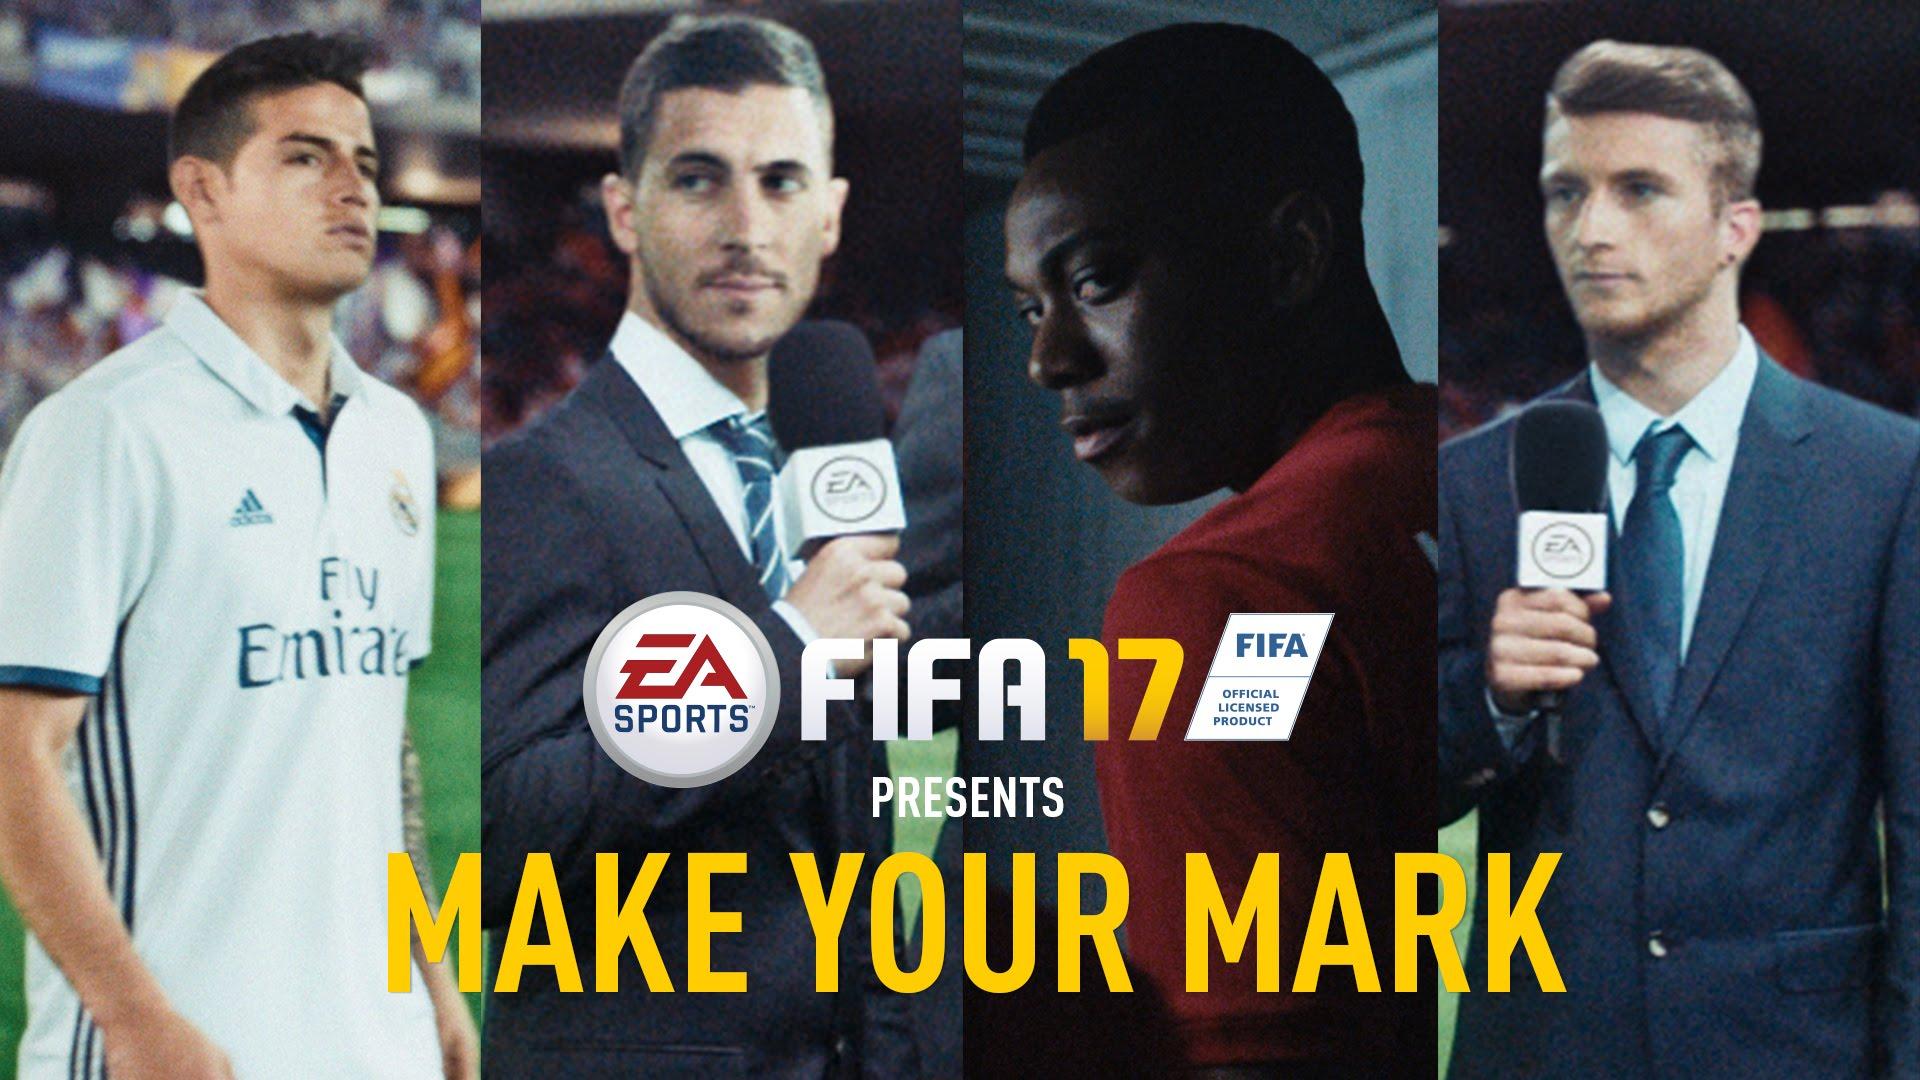 EA Sports FIFA 17 latest trailer